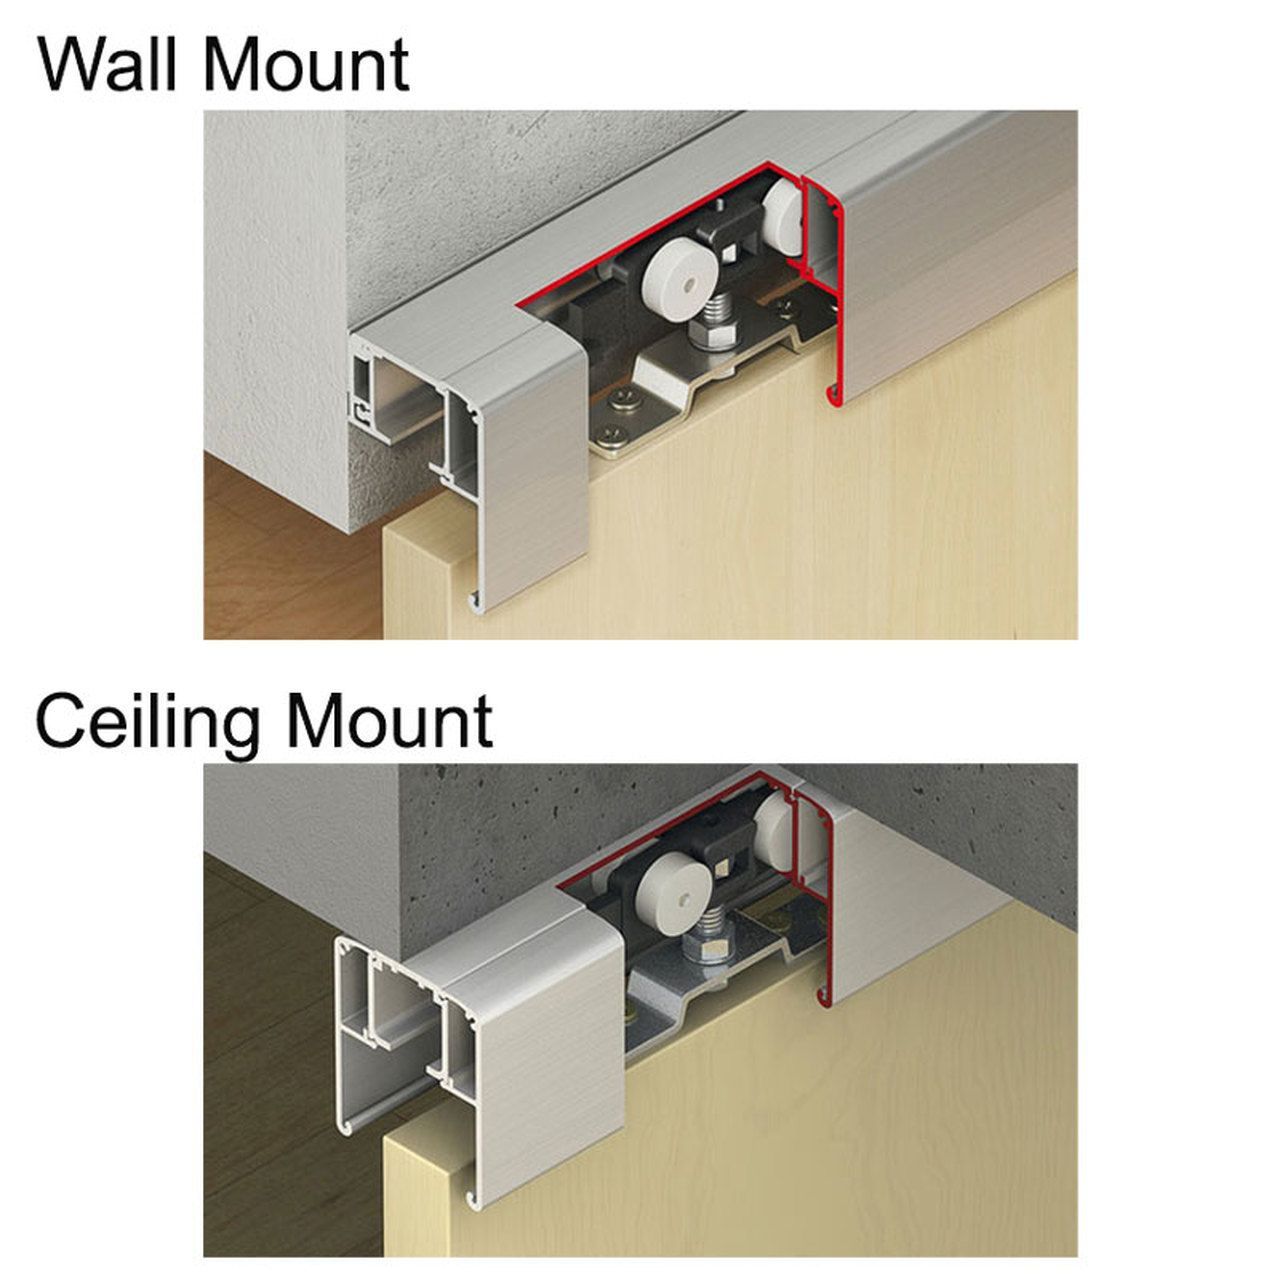 Hafele Slido Classic 120 Sliding Wood Door Kit 264 Lbs Max Door Weight In 2020 Sliding Wood Doors Wood Doors Door Fittings